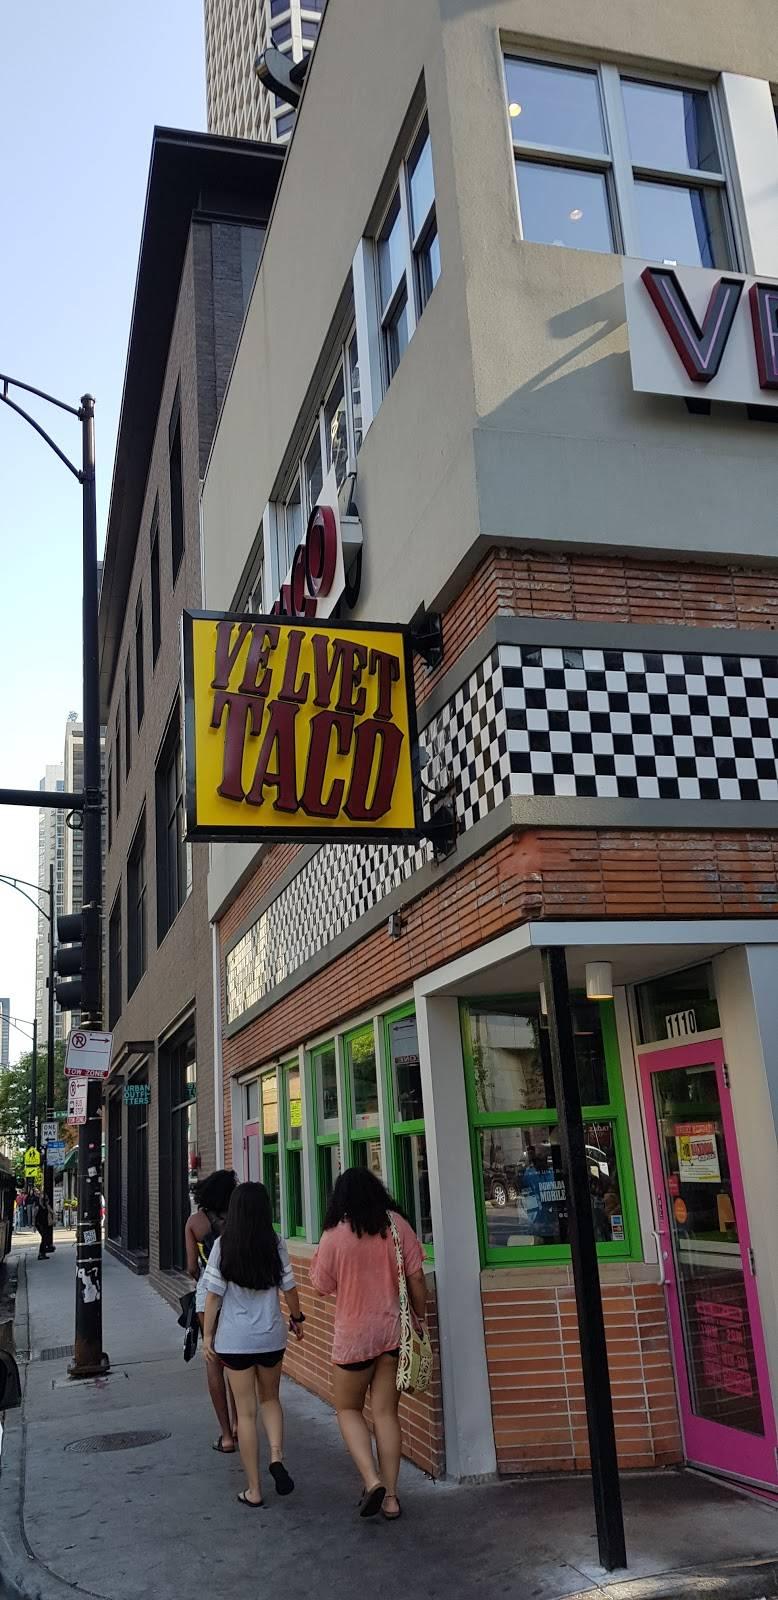 Velvet Taco   restaurant   1110 N State St, Chicago, IL 60610, USA   3127632654 OR +1 312-763-2654